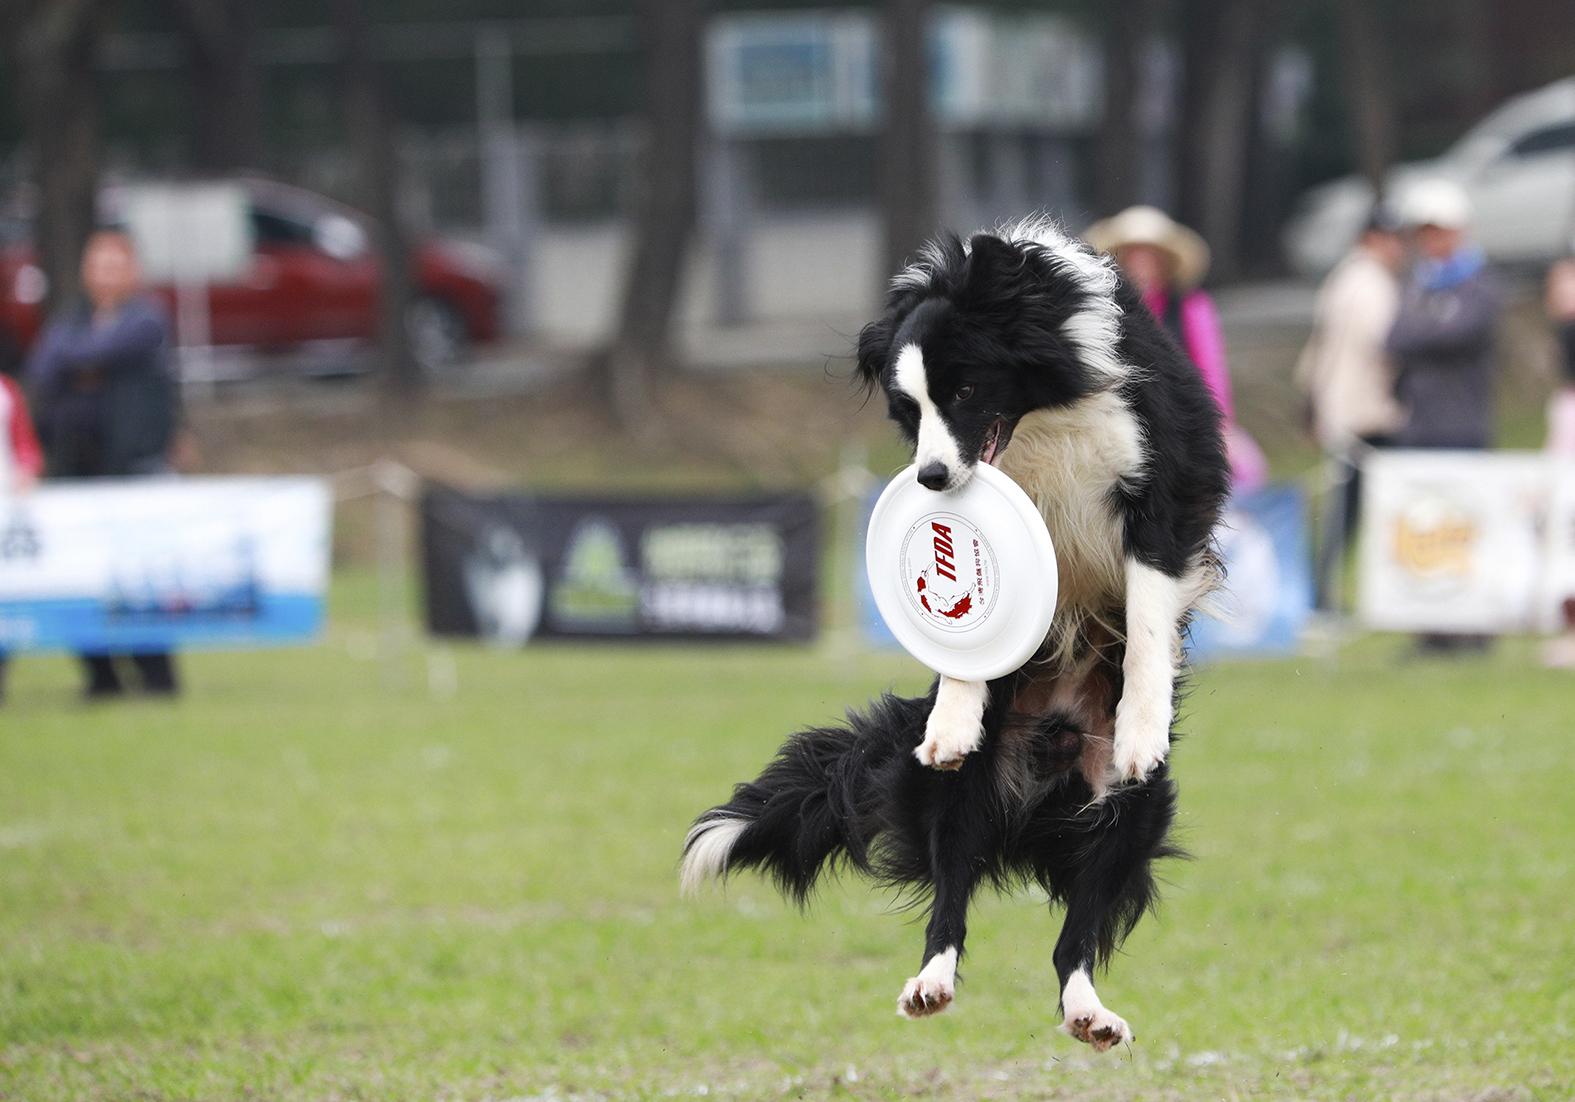 飛盤狗比賽